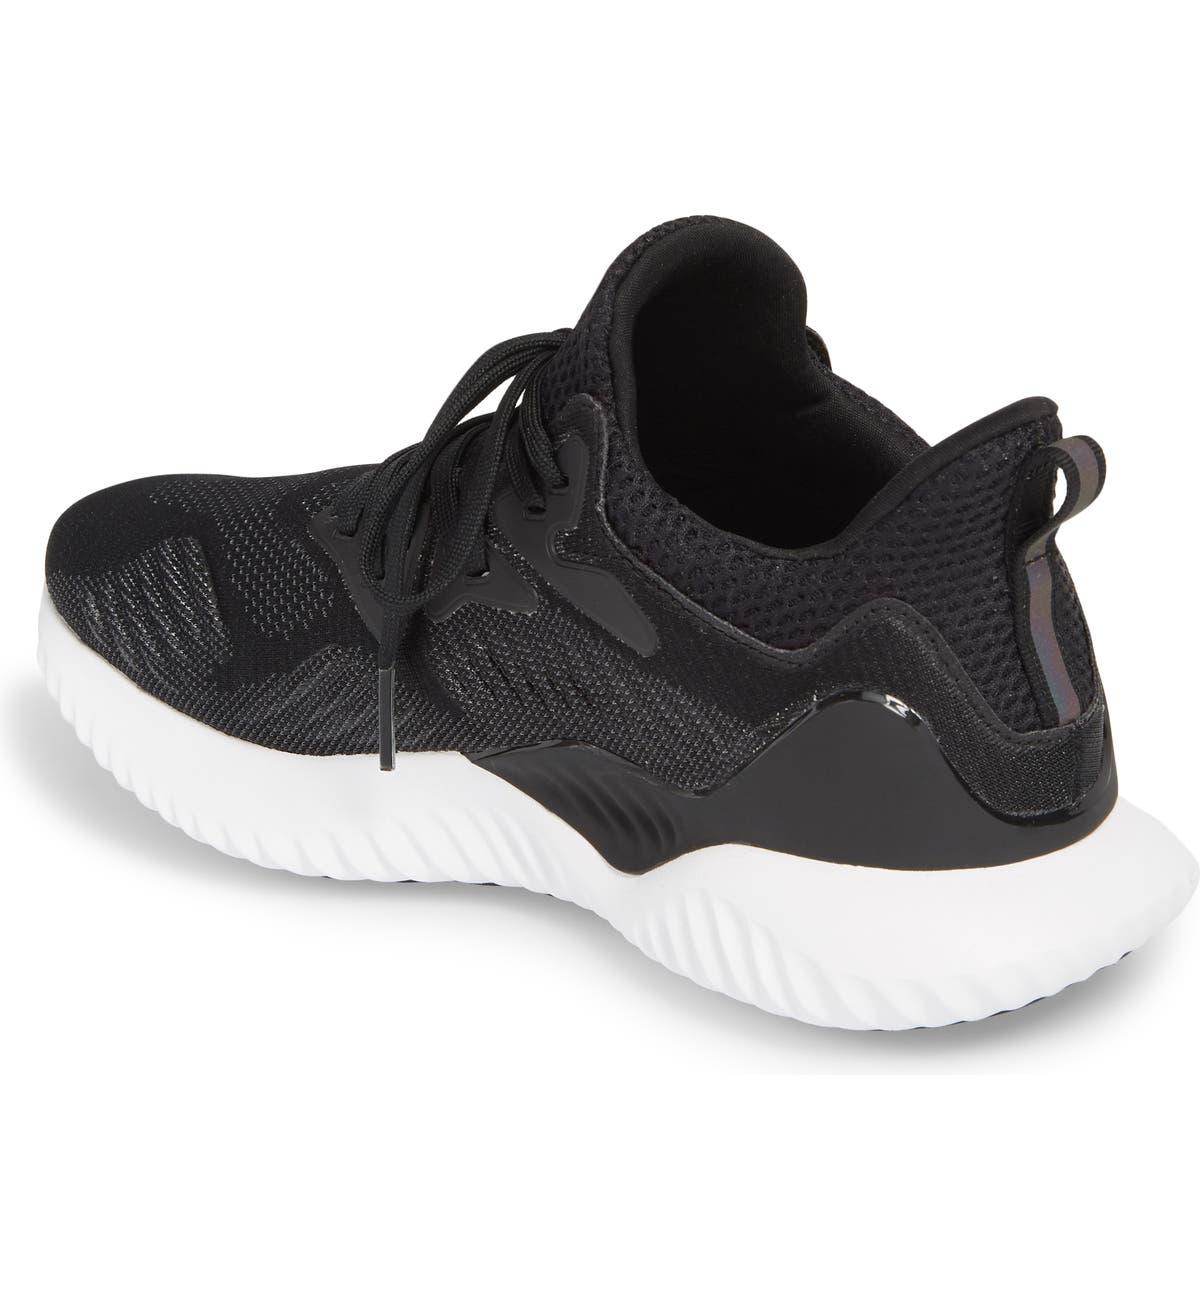 e99a1e72a adidas AlphaBounce Beyond Knit Running Shoe (Women)